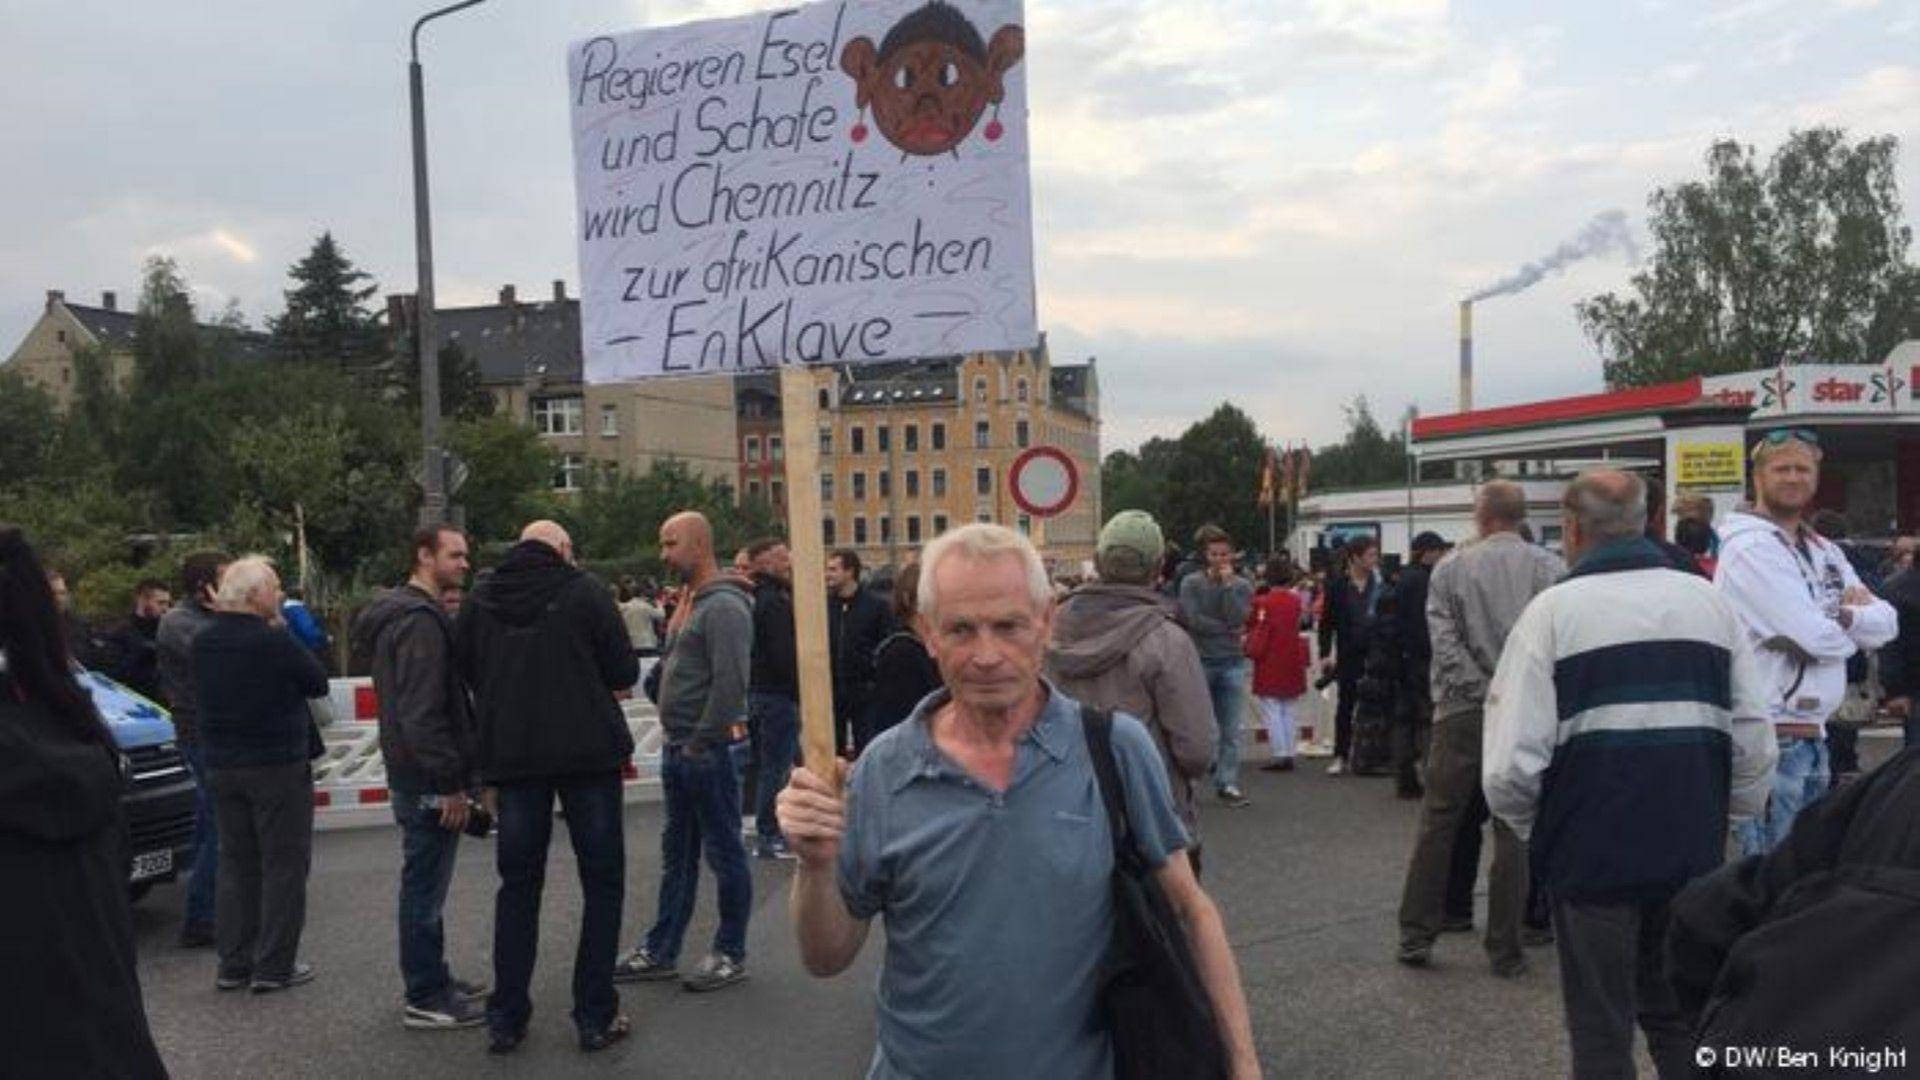 Нацисти, популисти, екстремисти. Какво става с тази Германия?